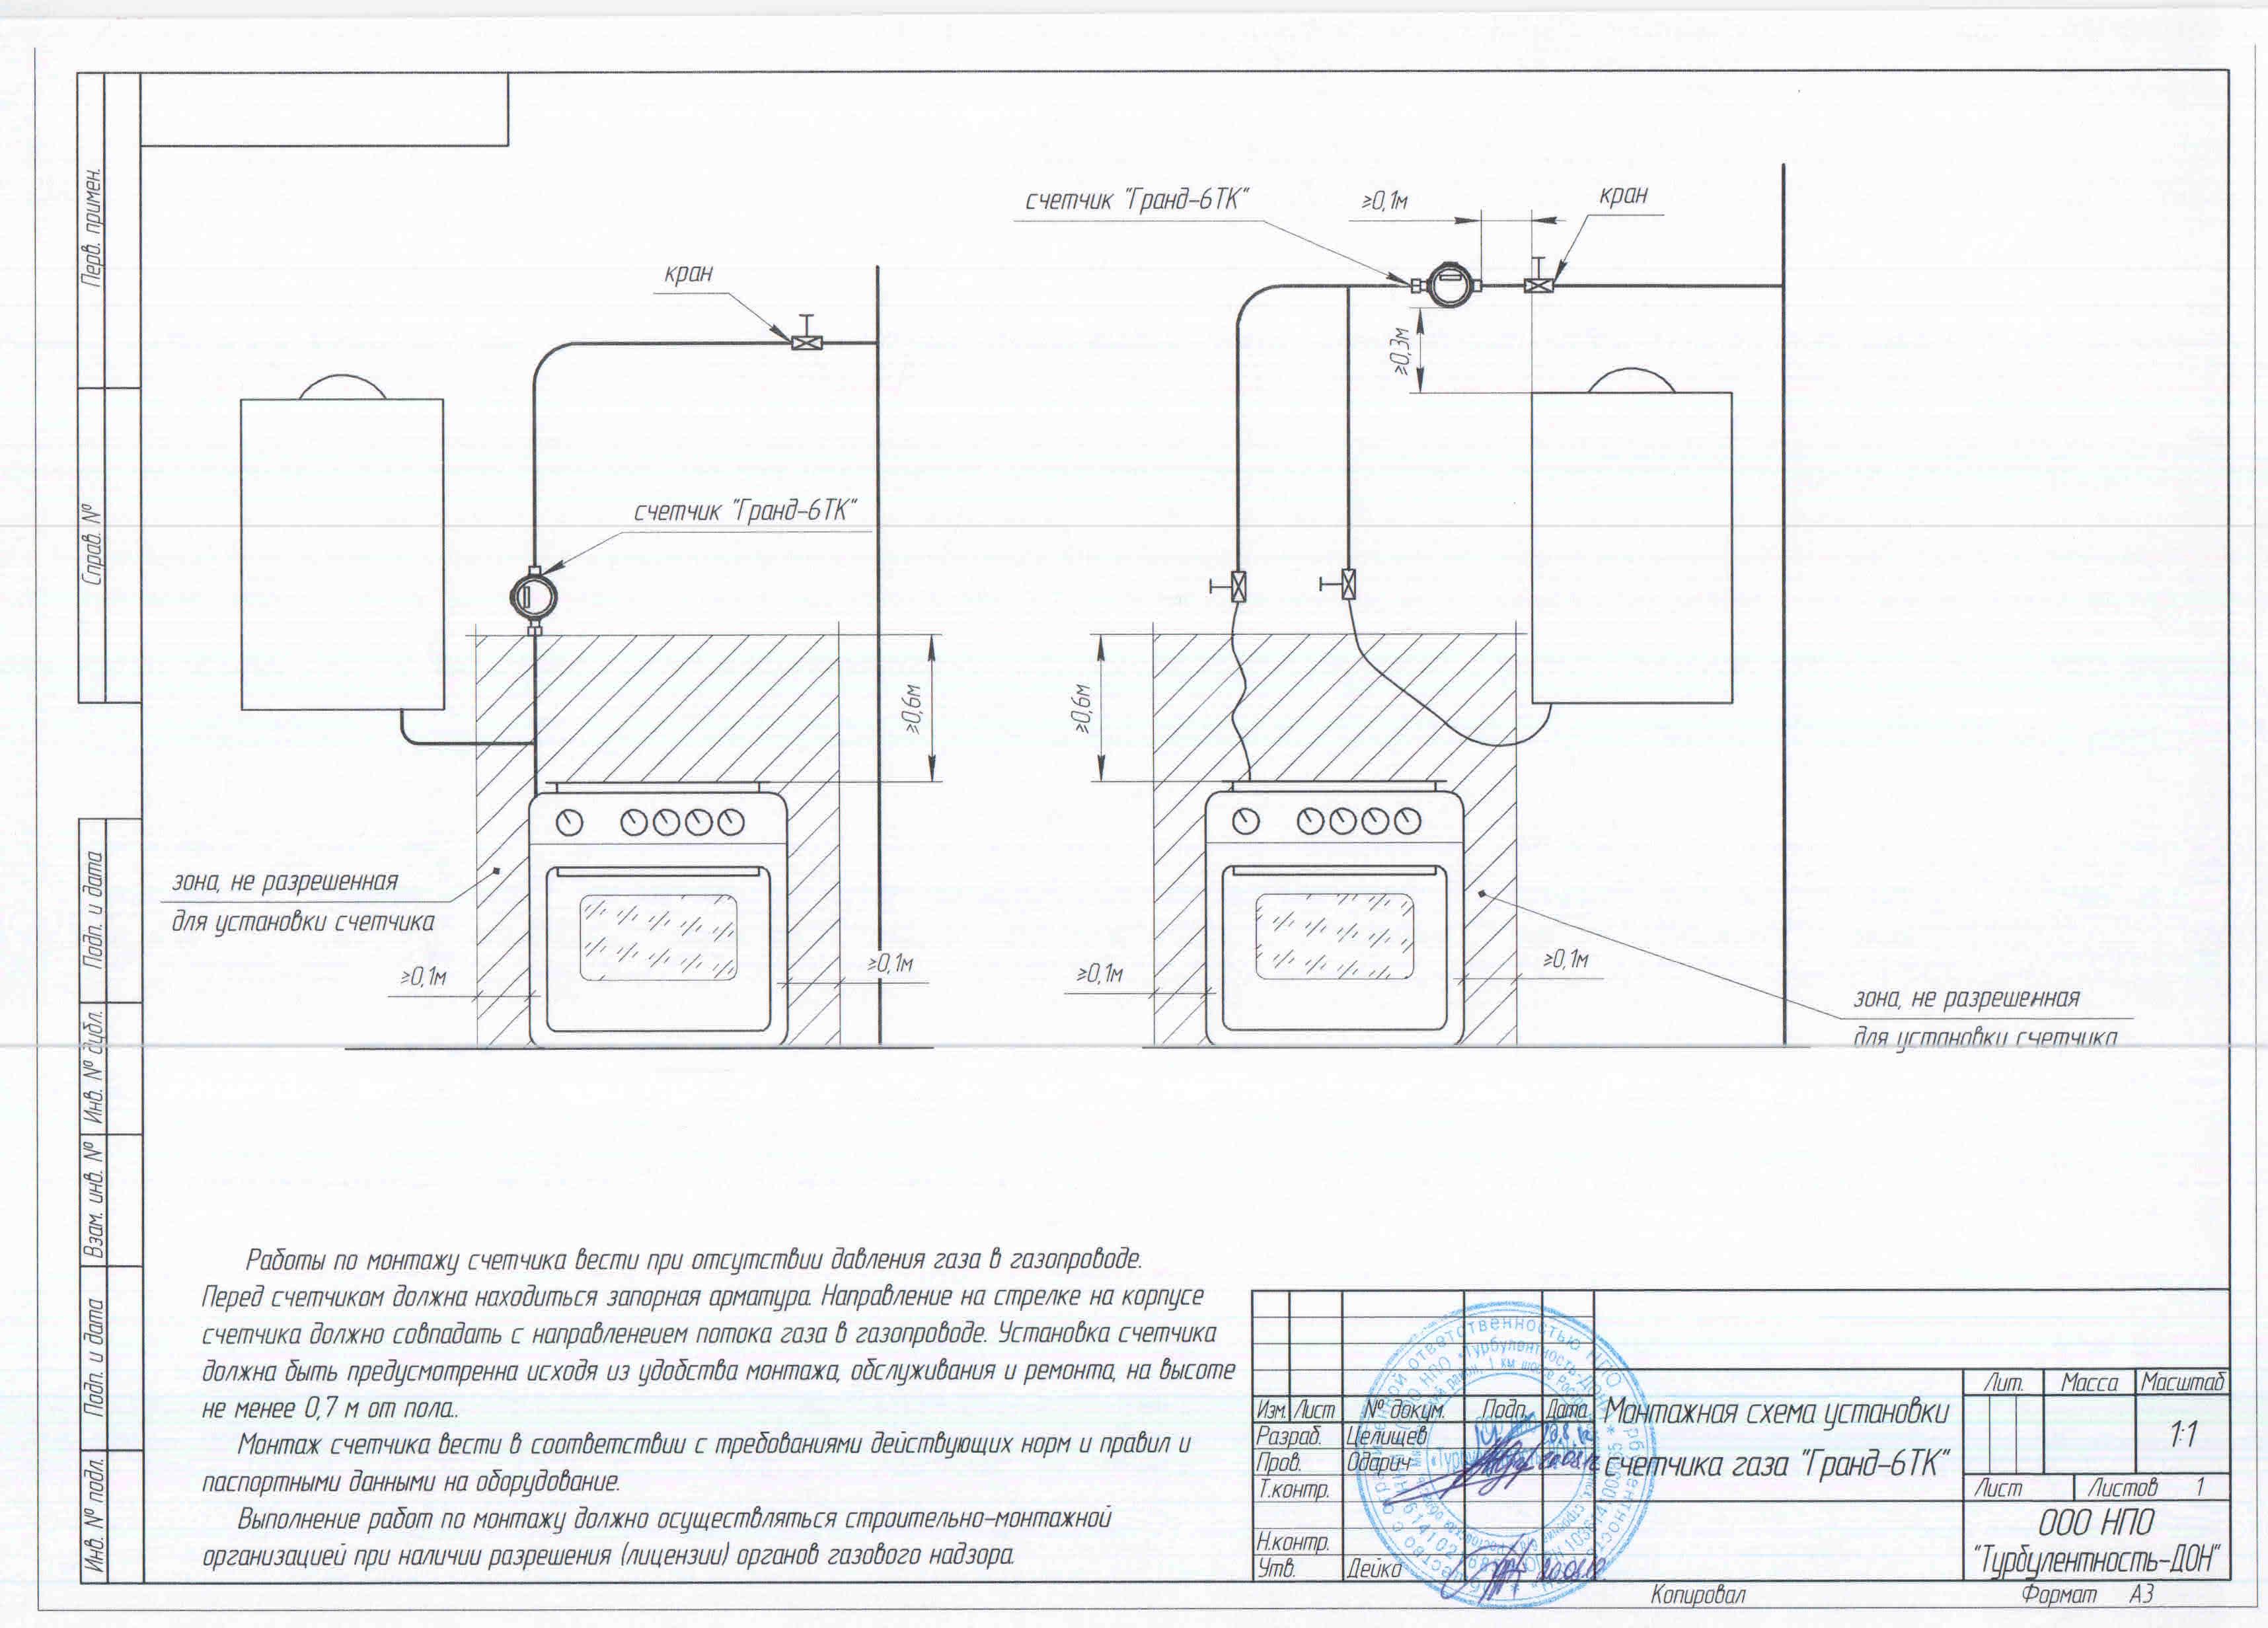 Требования к подключению газовой колонки в квартире